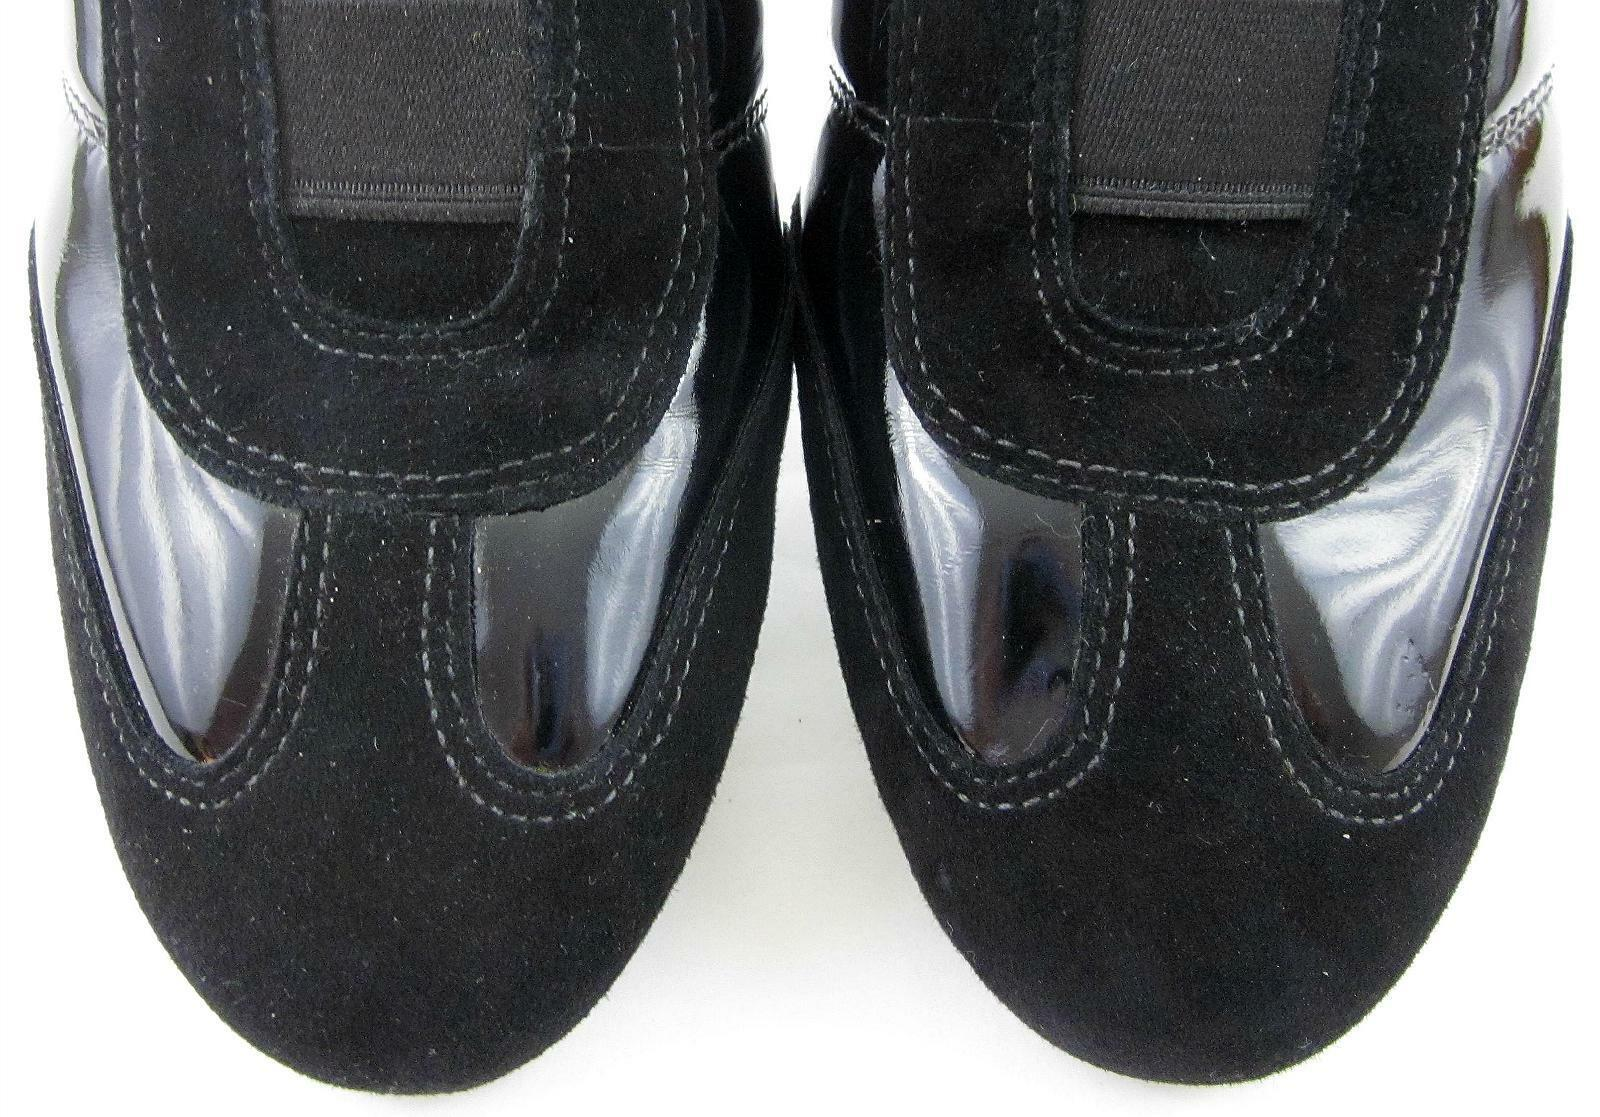 NEW  Cole Haan Air 'Zanna' Mule Clogs Black Black Black Leather Sz 6B 4b737f